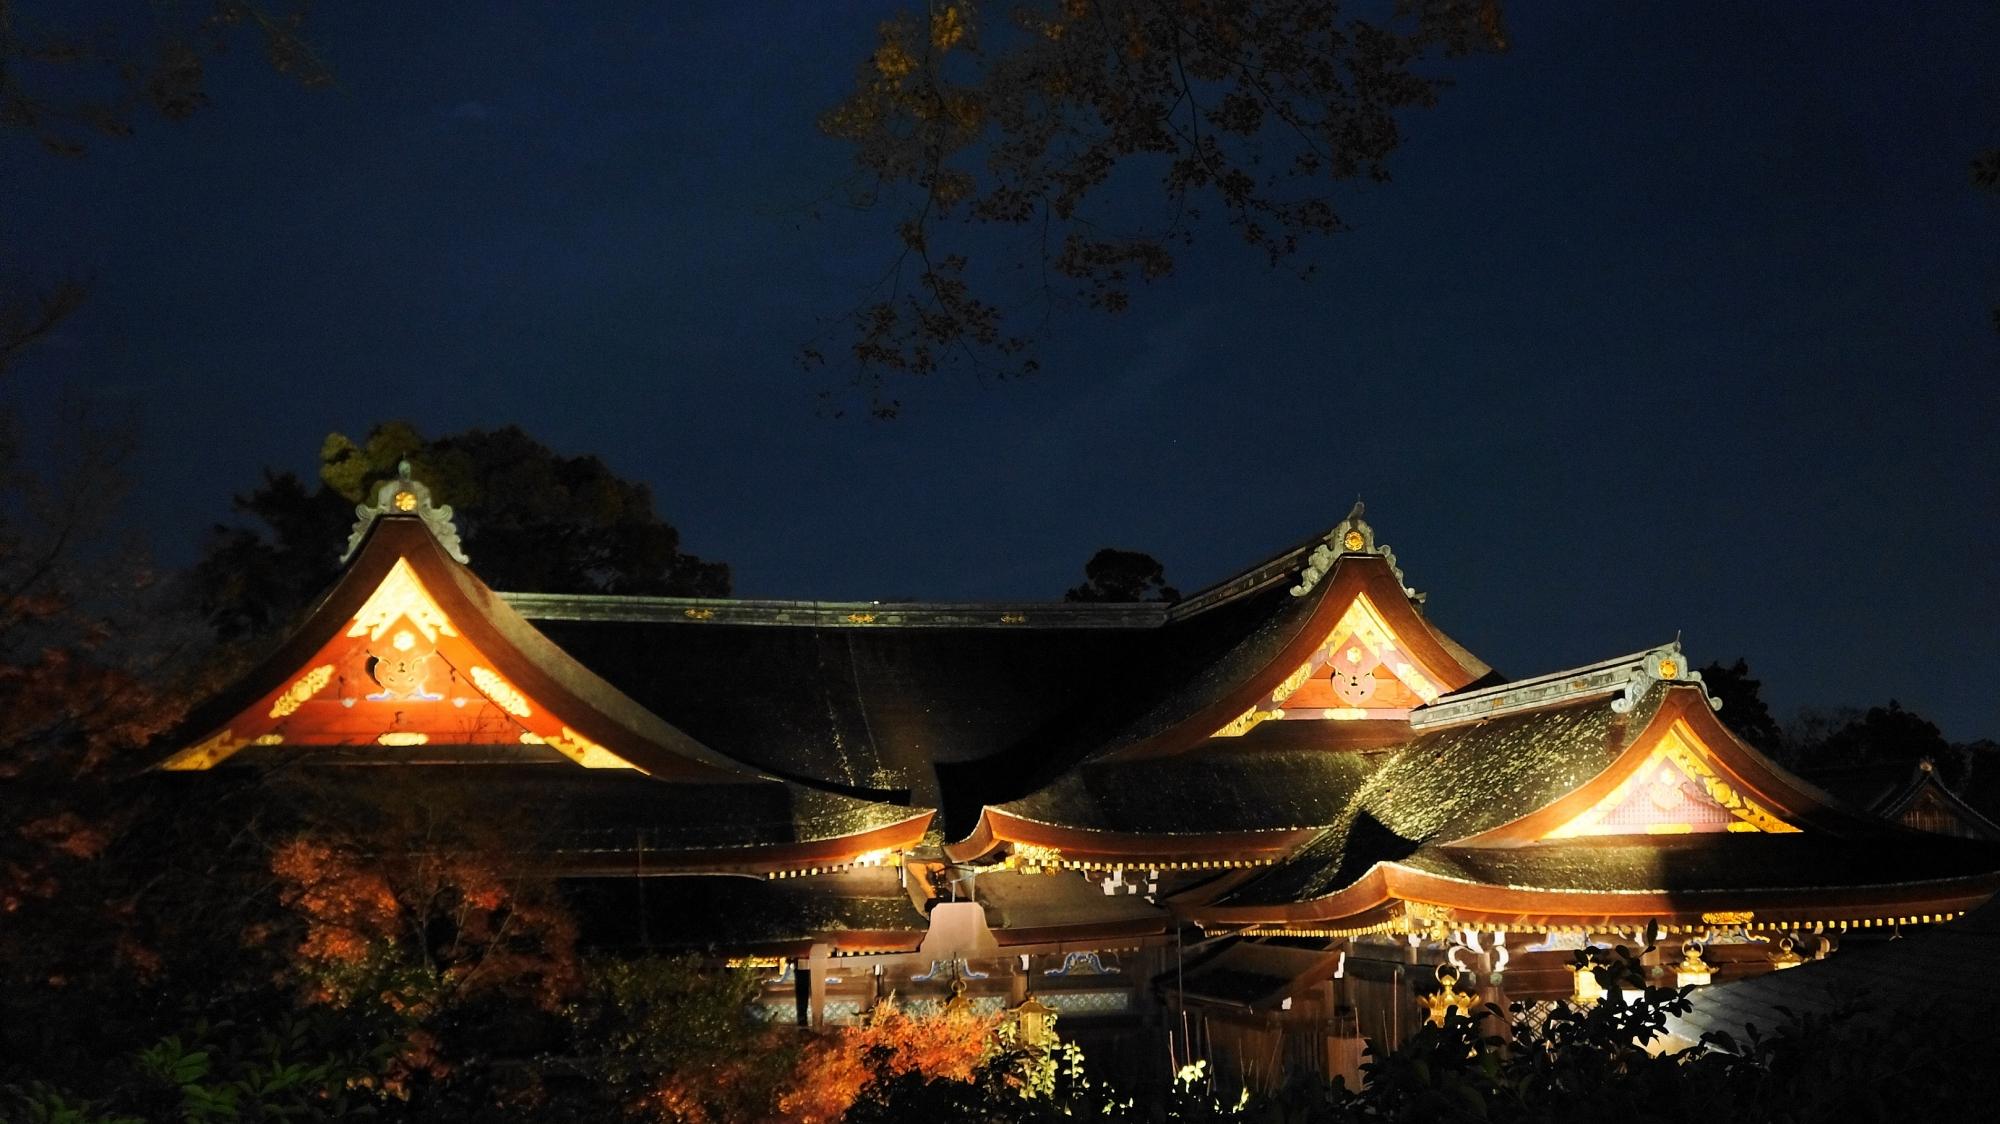 北野天満宮 社殿 ライトアップ